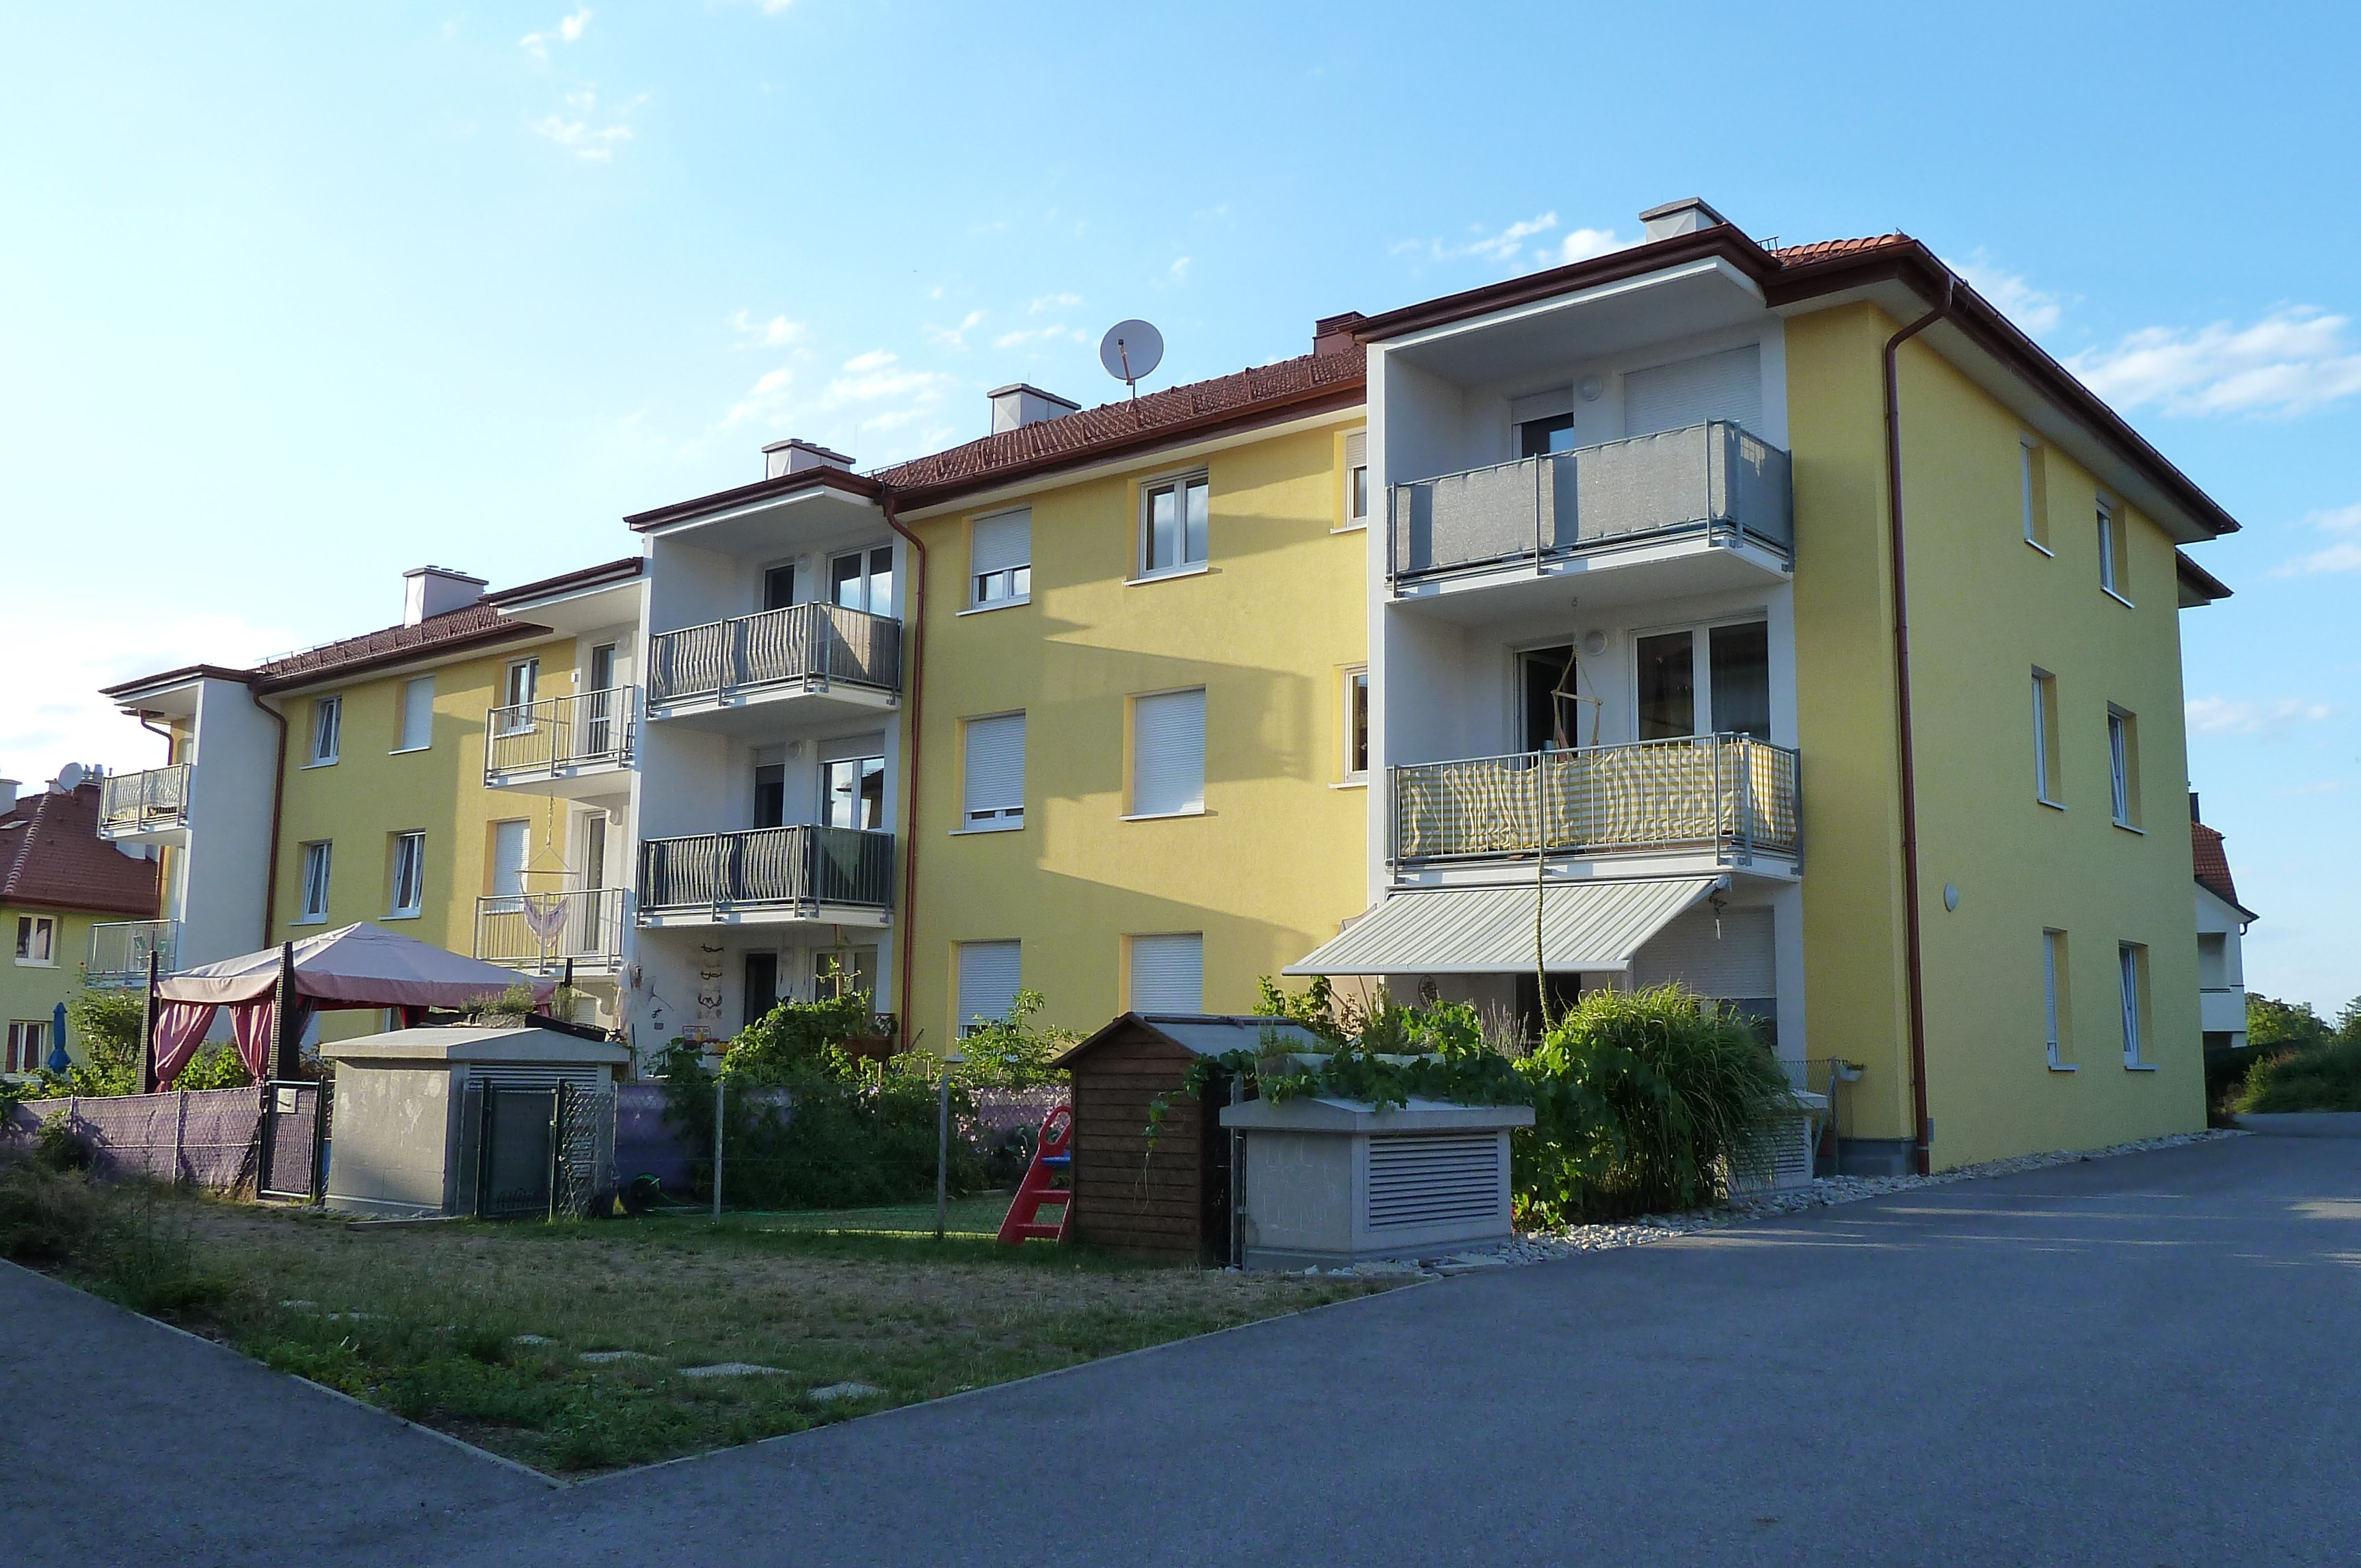 Immobilie von Kamptal in 3730 Eggenburg, Horn, Eggenburg V/3 - Top 303